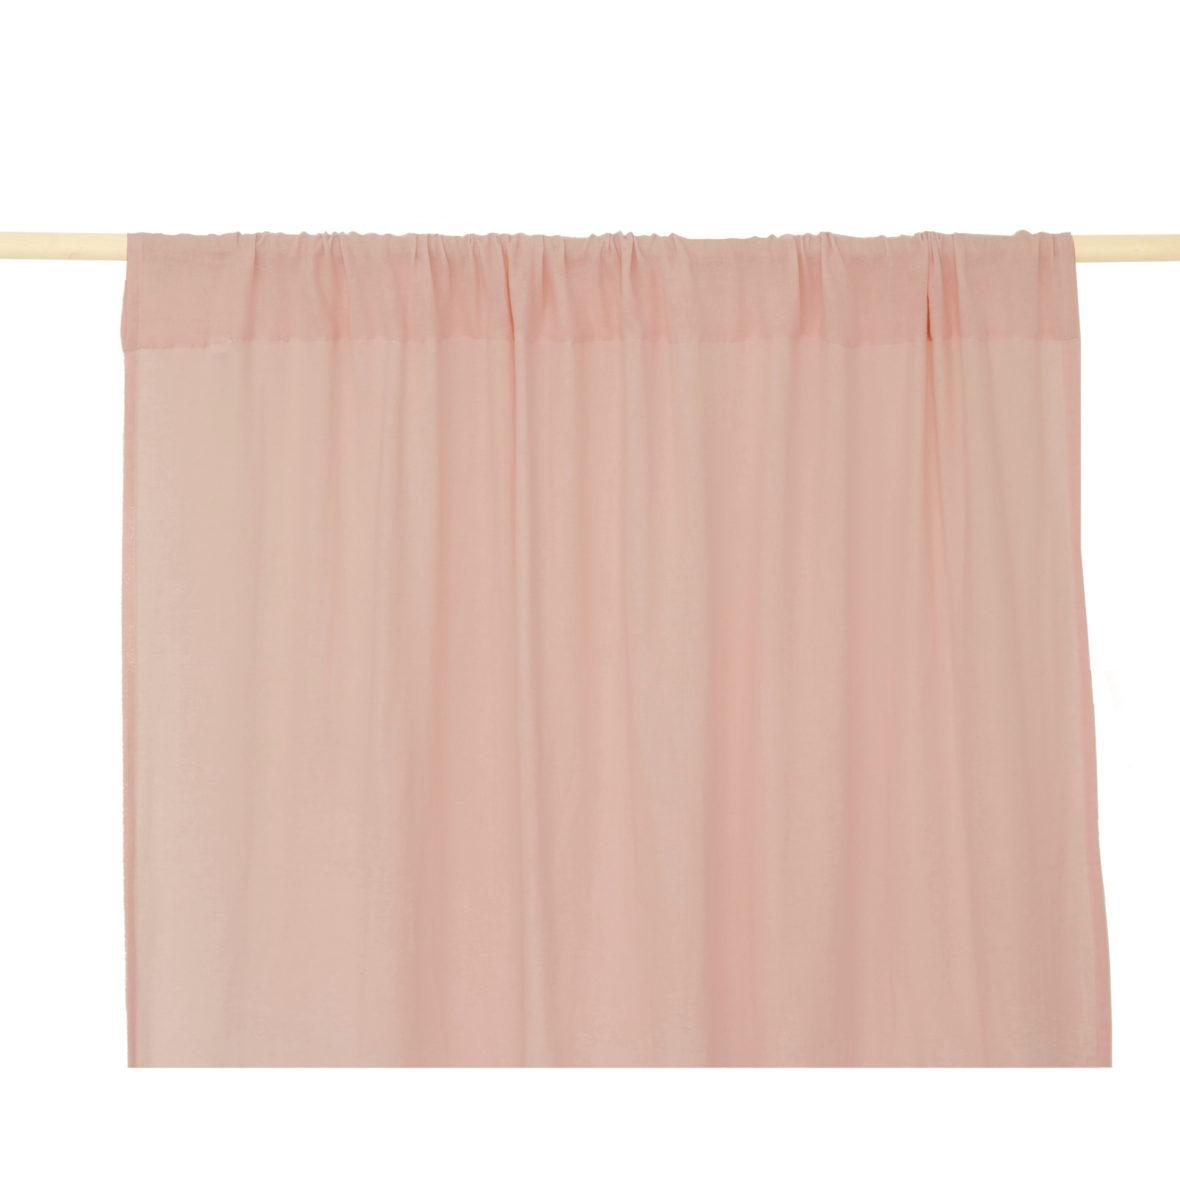 Nobodinoz NEW ELEMENTS. Κουρτίνα Utopia Dream Pink 146/280